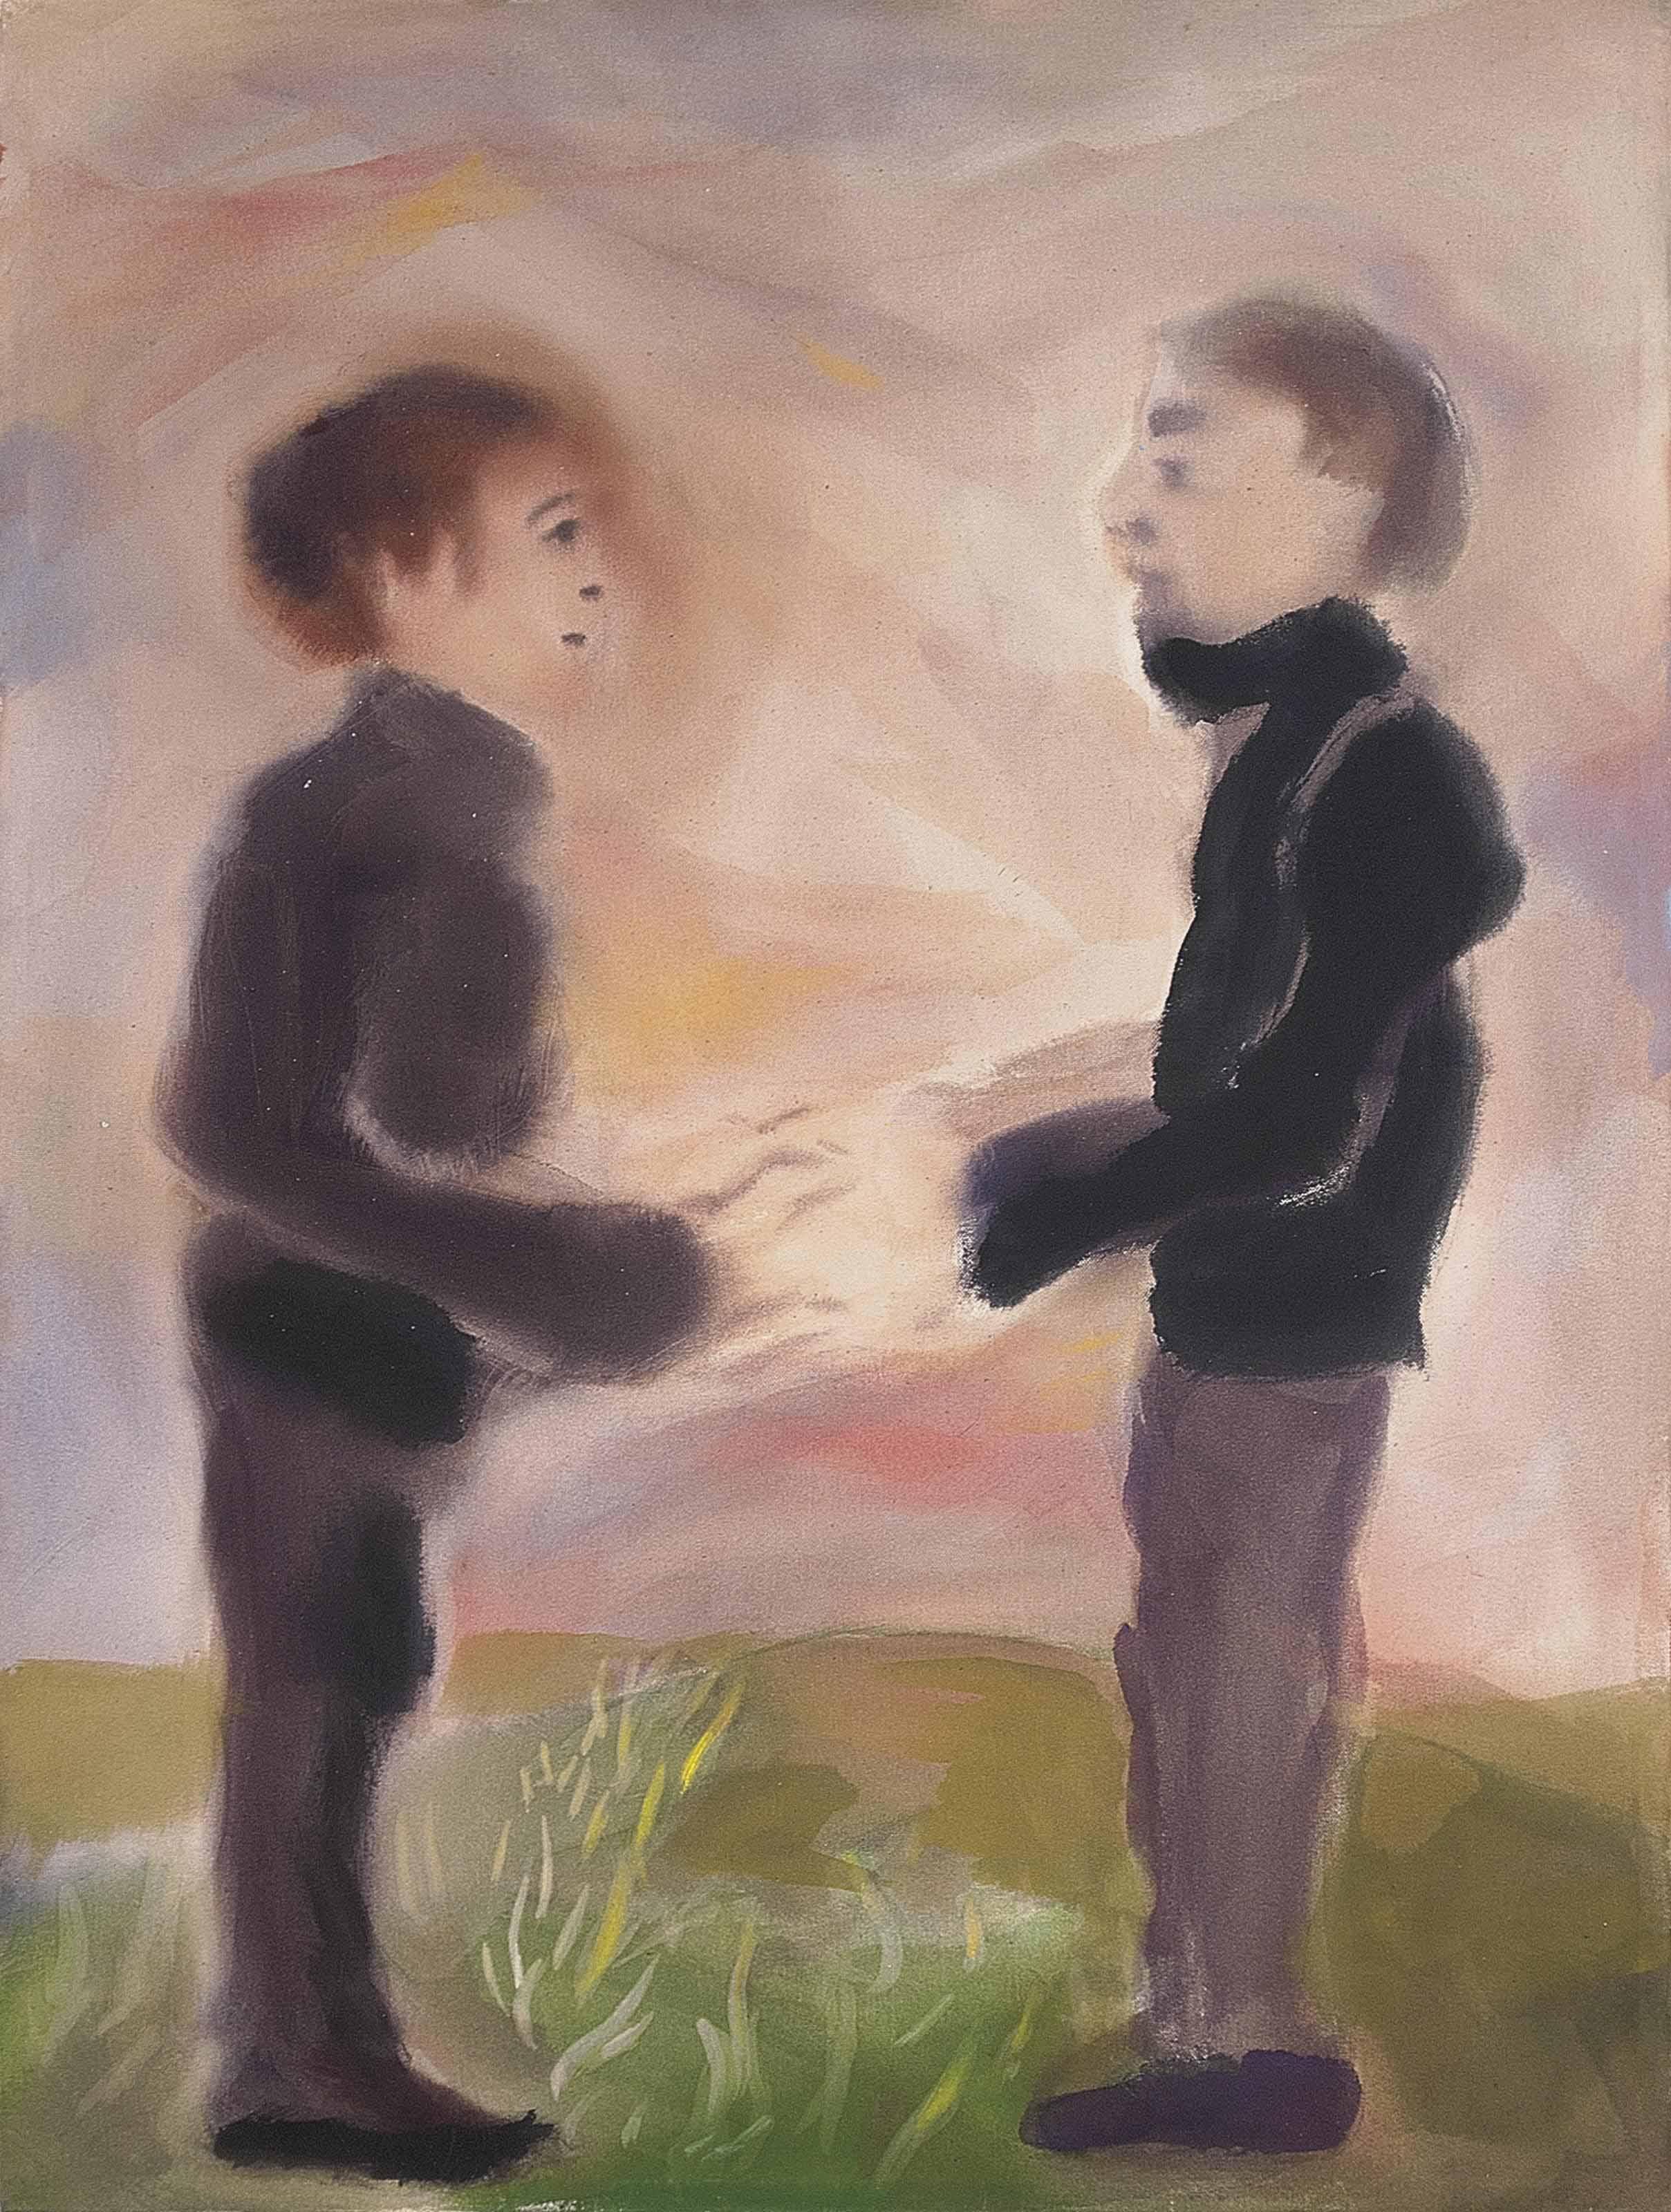 Masonic handshake